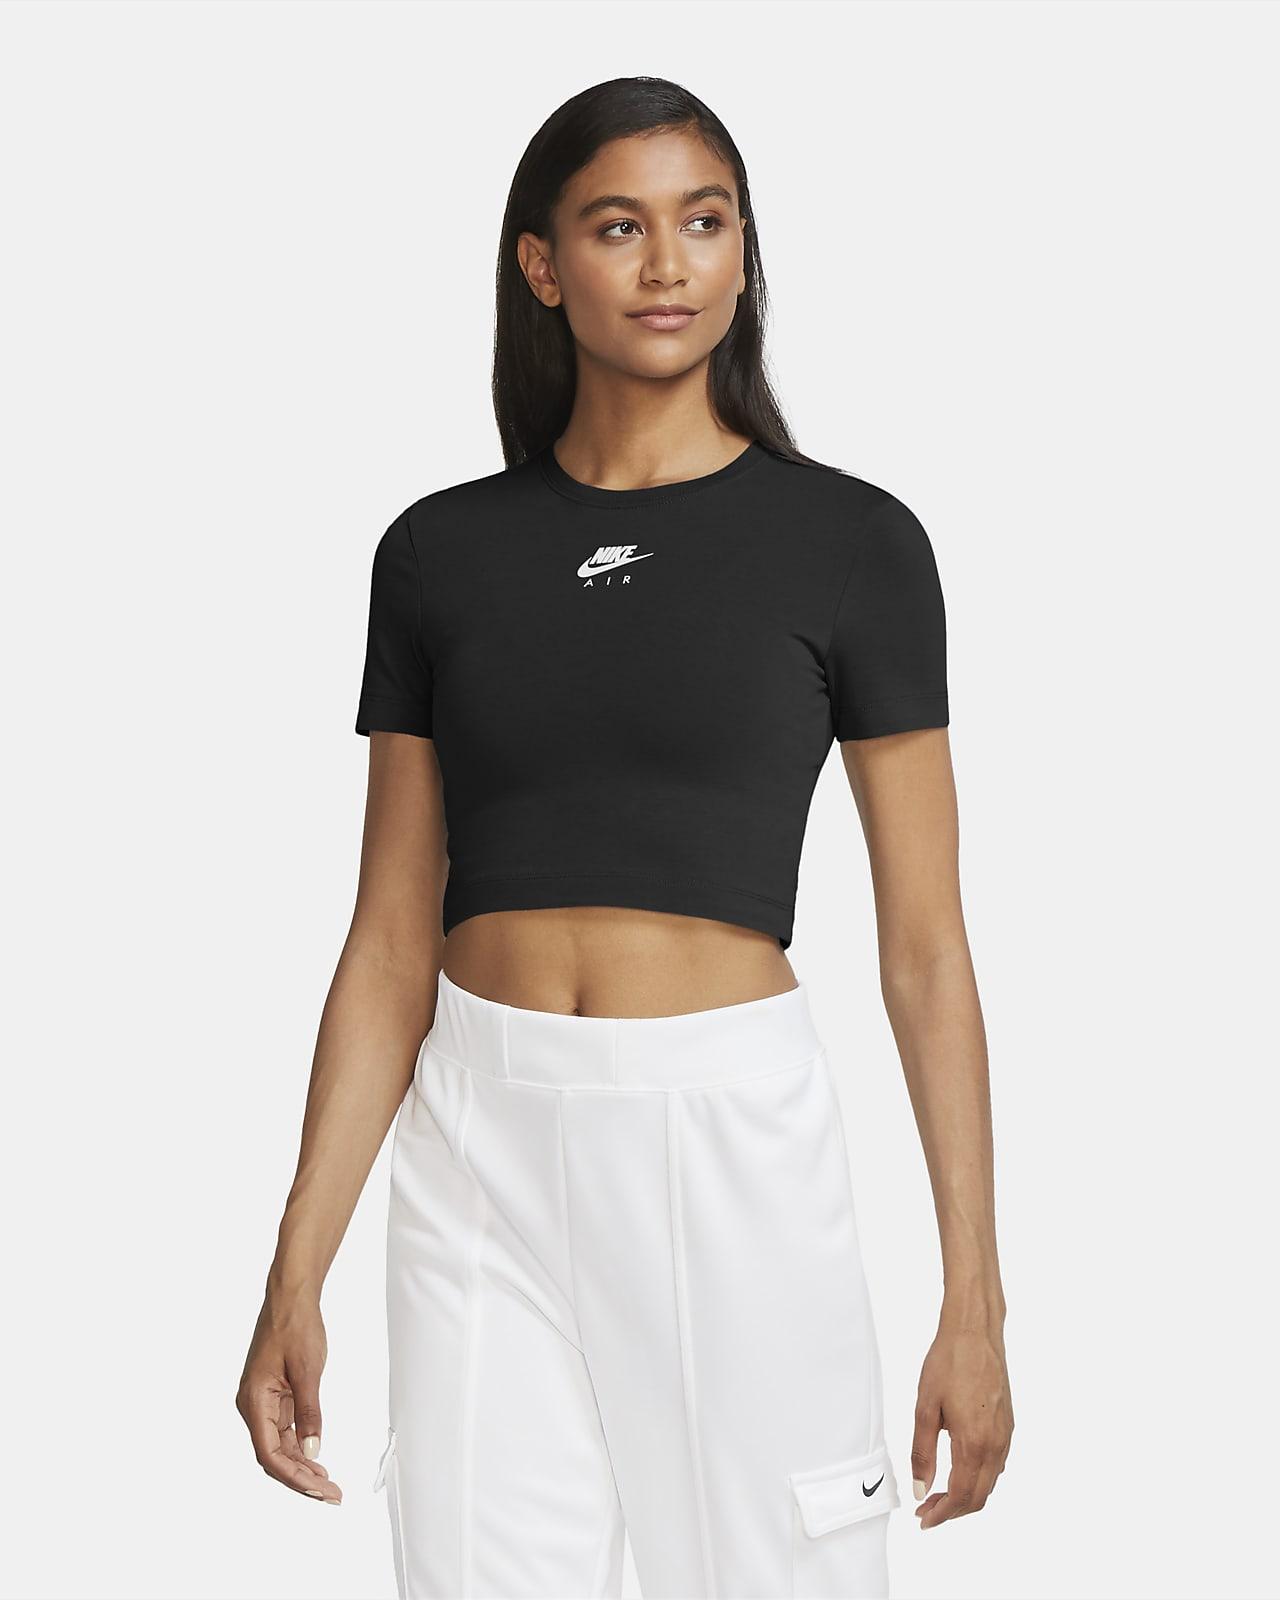 Nike Air Crop Top für Damen